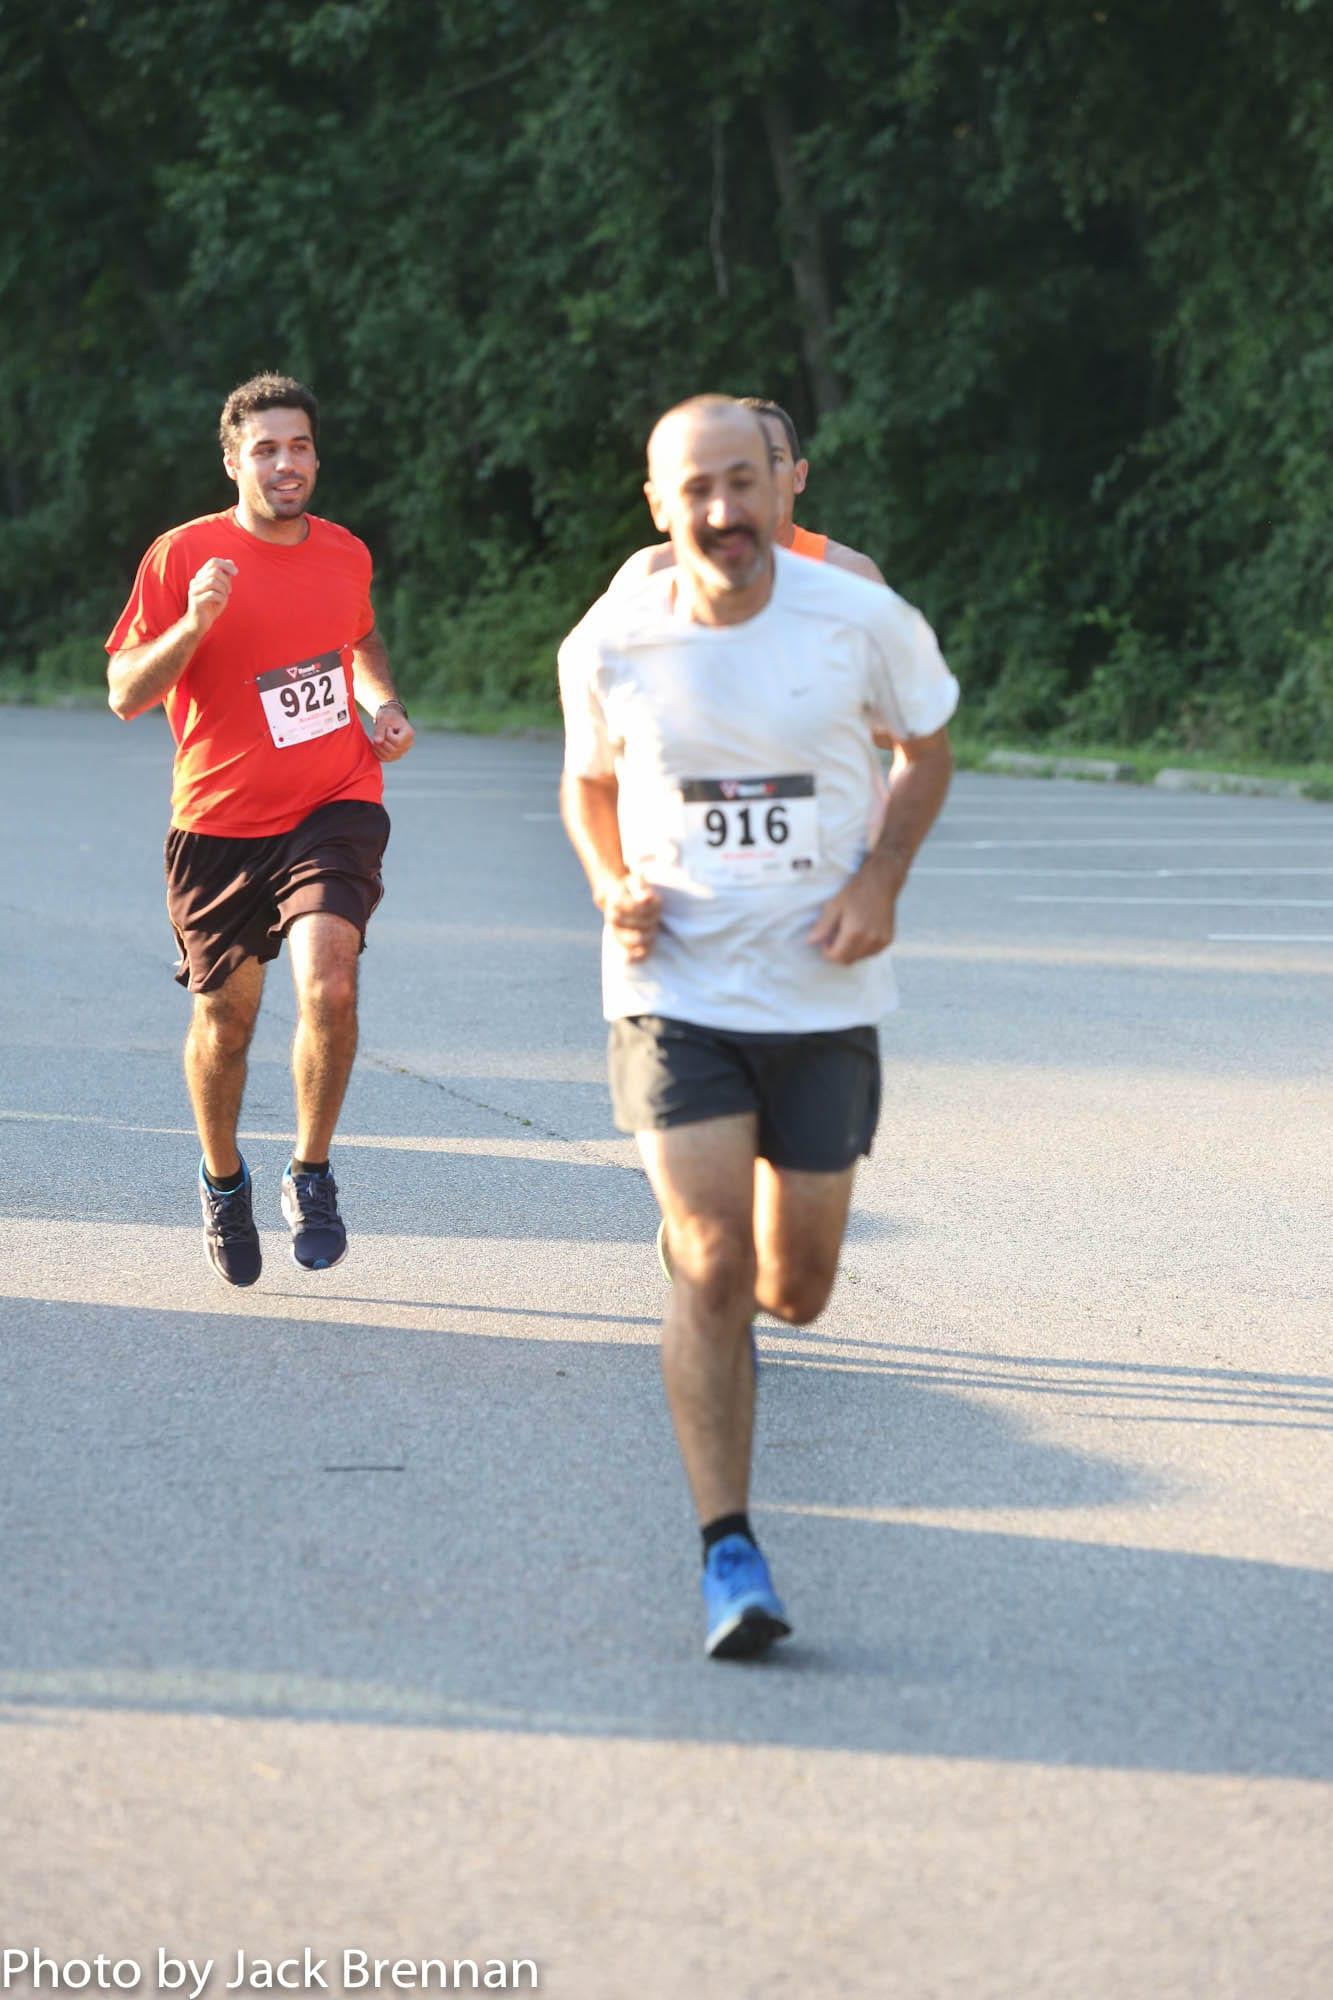 026 - Putnam County Classic 2016 Taconic Road Runners - BA3A0347